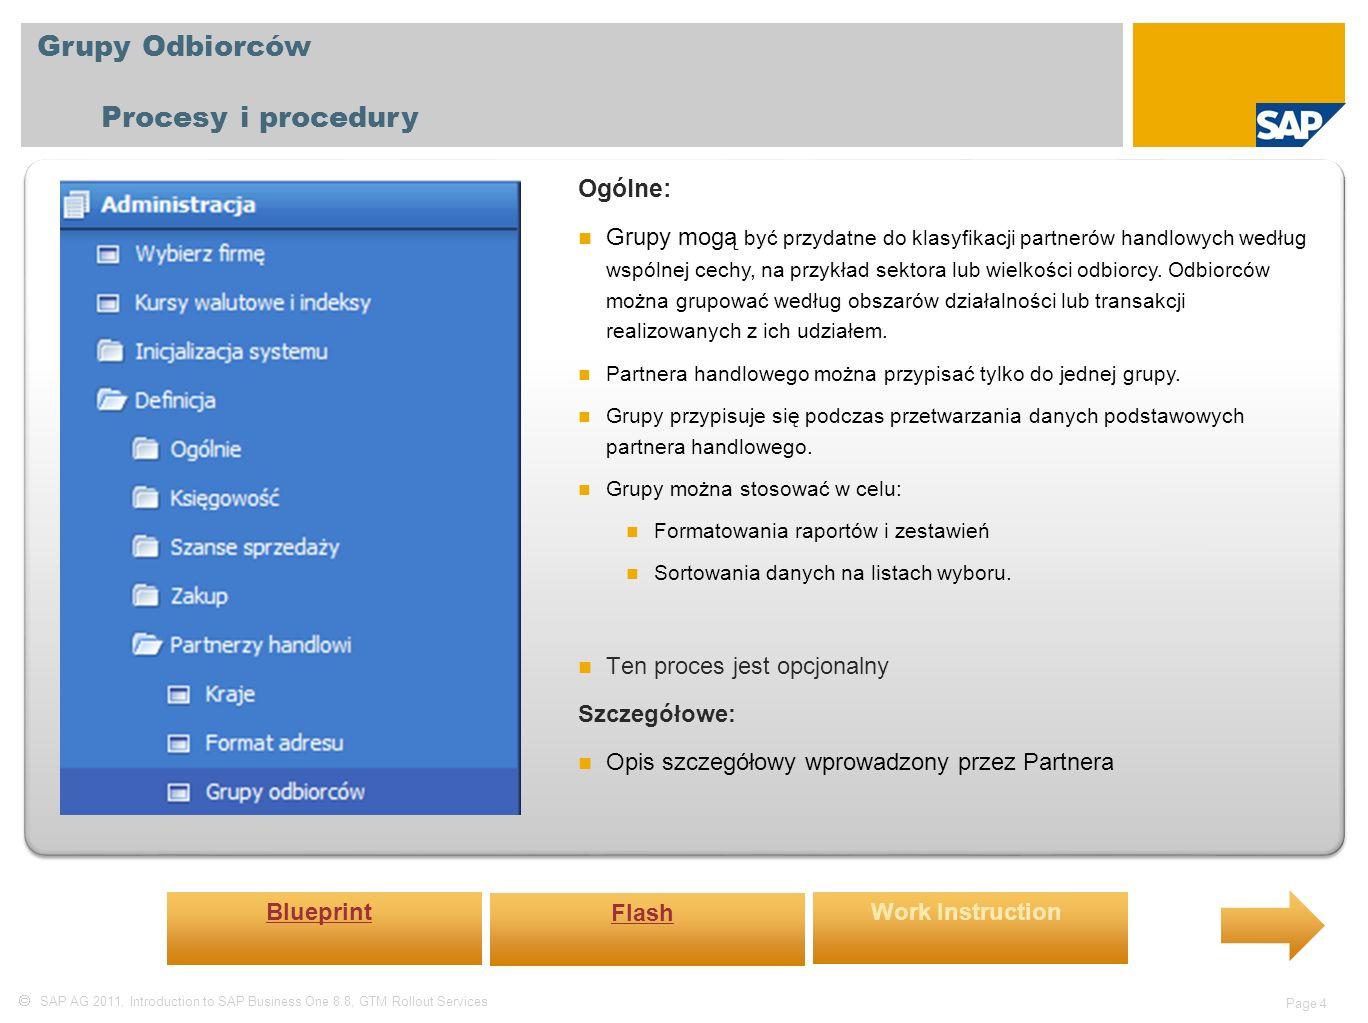  SAP AG 2011, Introduction to SAP Business One 8.8, GTM Rollout Services Page 5 Grupy Dostawców Procesy i procedury Ogólne: Grupy mogą być przydatne do klasyfikacji partnerów handlowych według wspólnej cechy, na przykład sektora lub wielkości dostawcy.